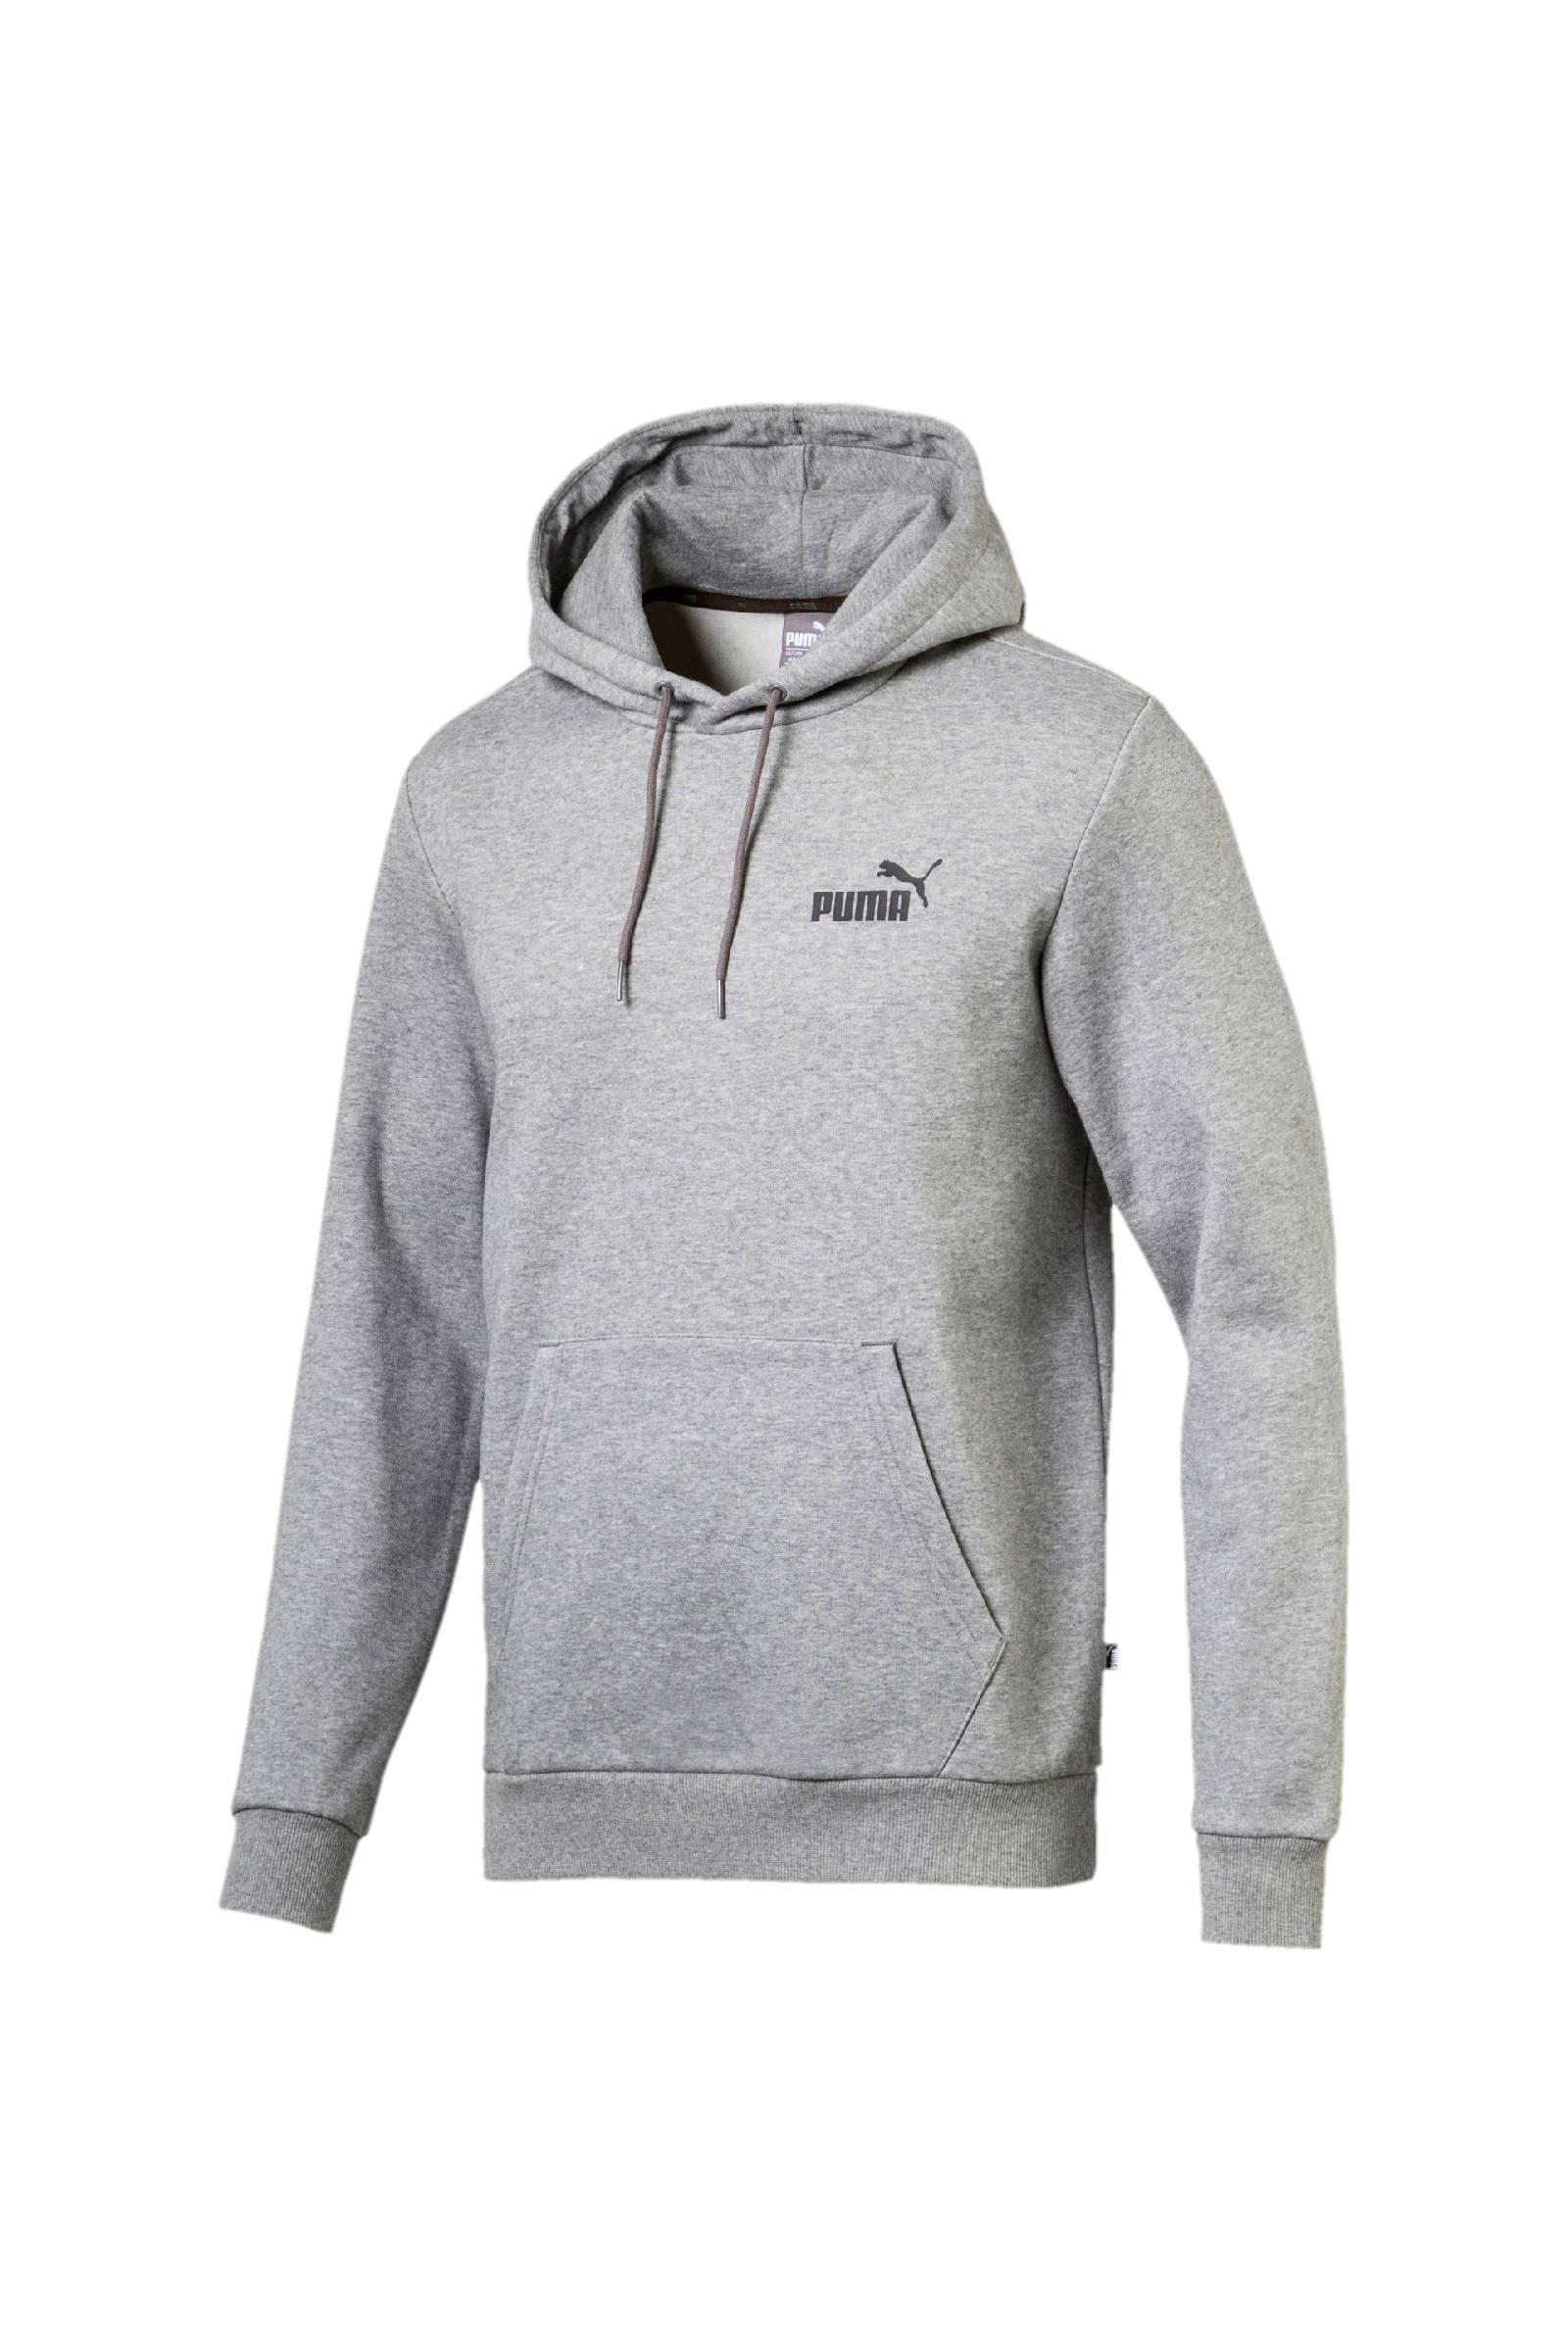 VANS sweater grijswit   Lange mouwen, Grijs